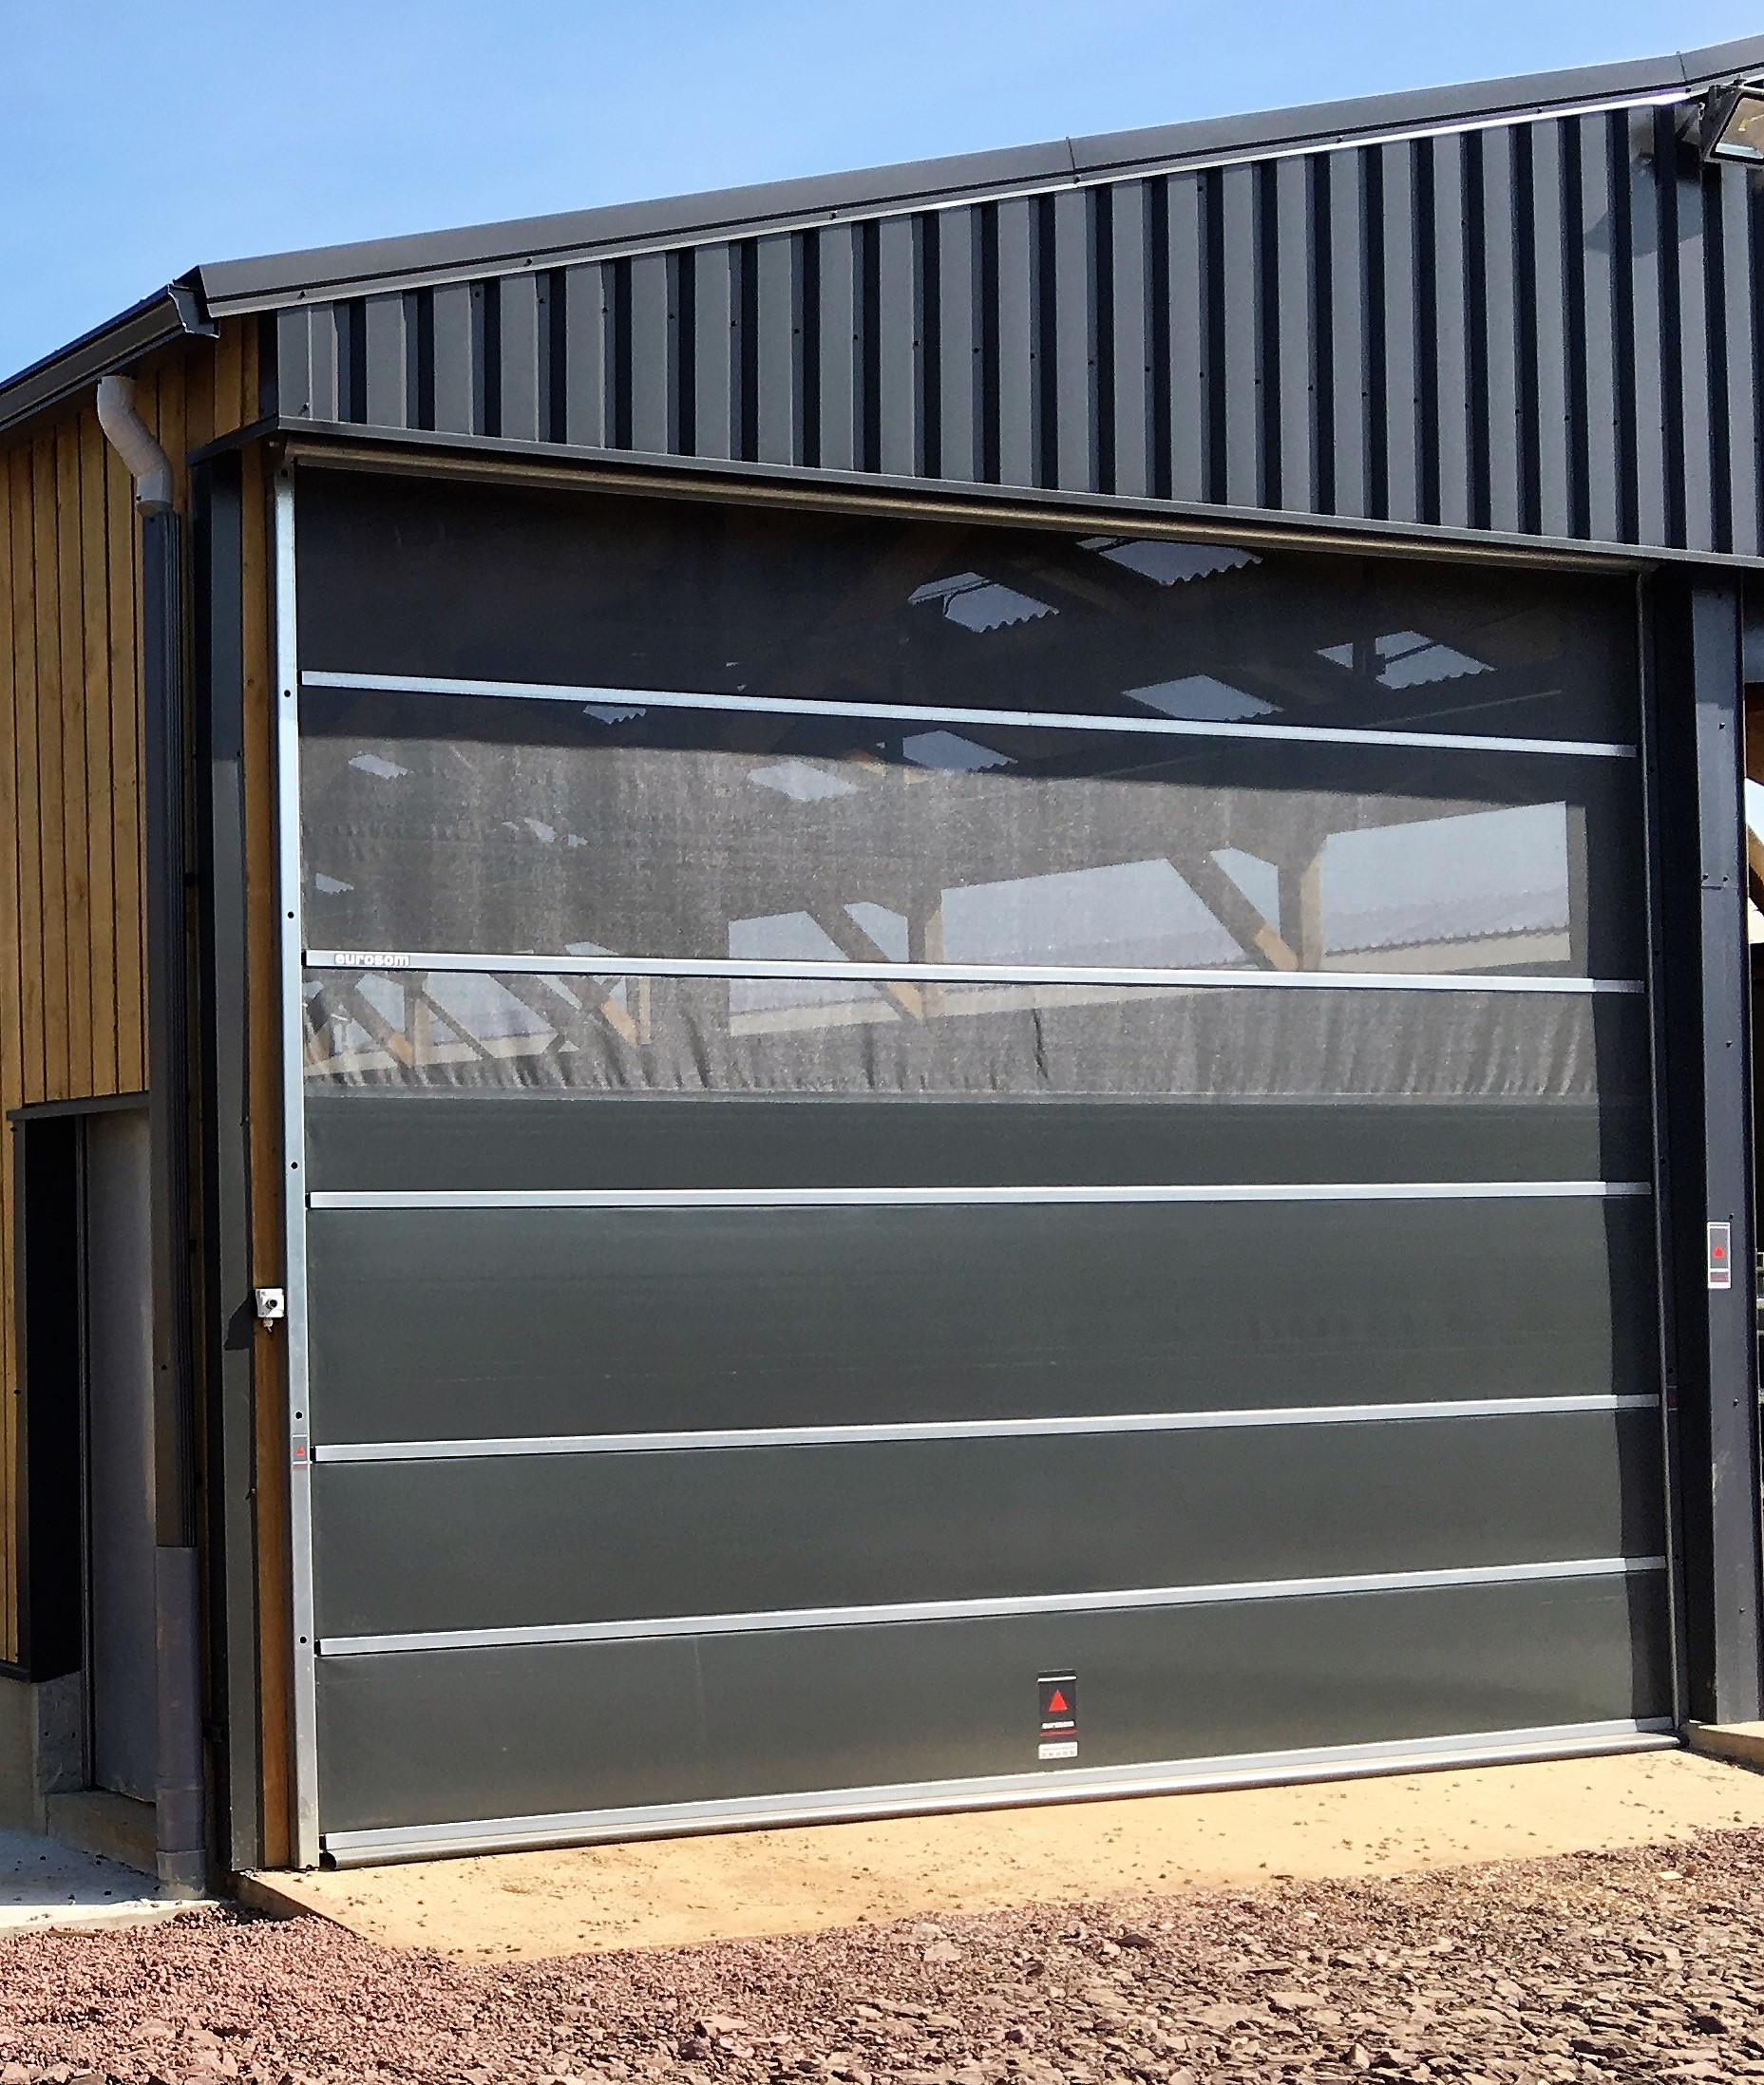 nos produits eurosom portes enroulables et rideaux techniques de ventilation - Rideau Coupe Vent Agricole